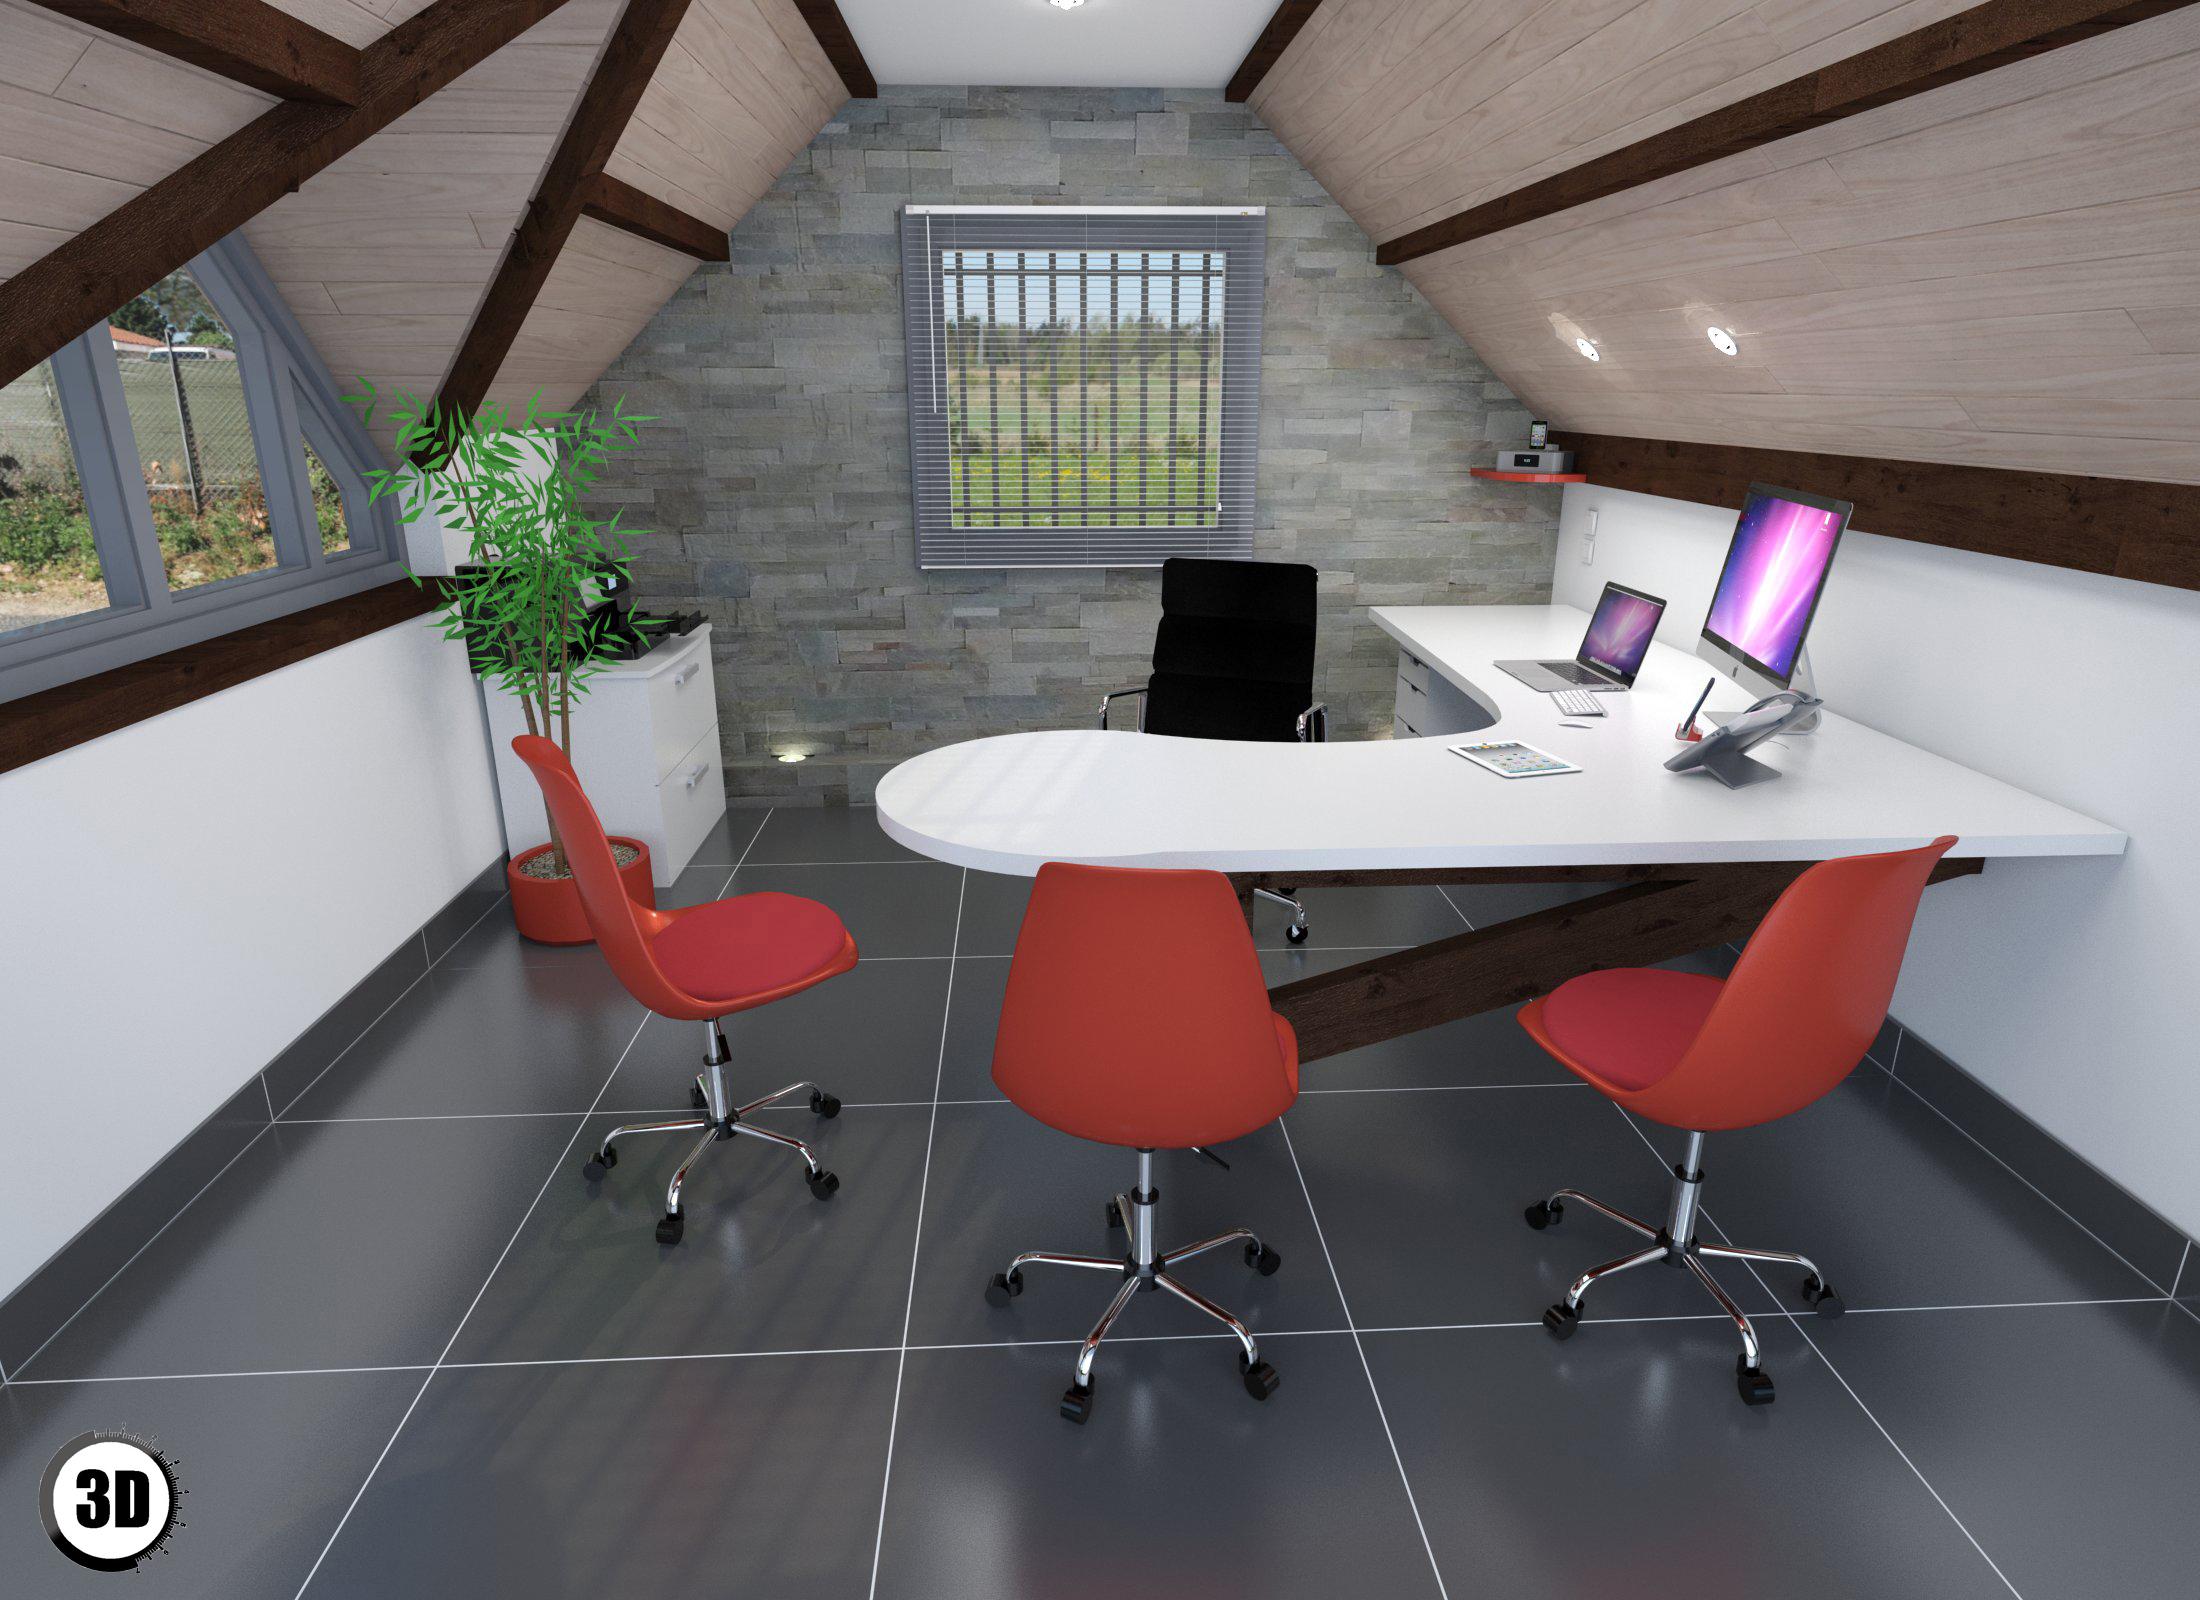 Bureau sous comble - 3D